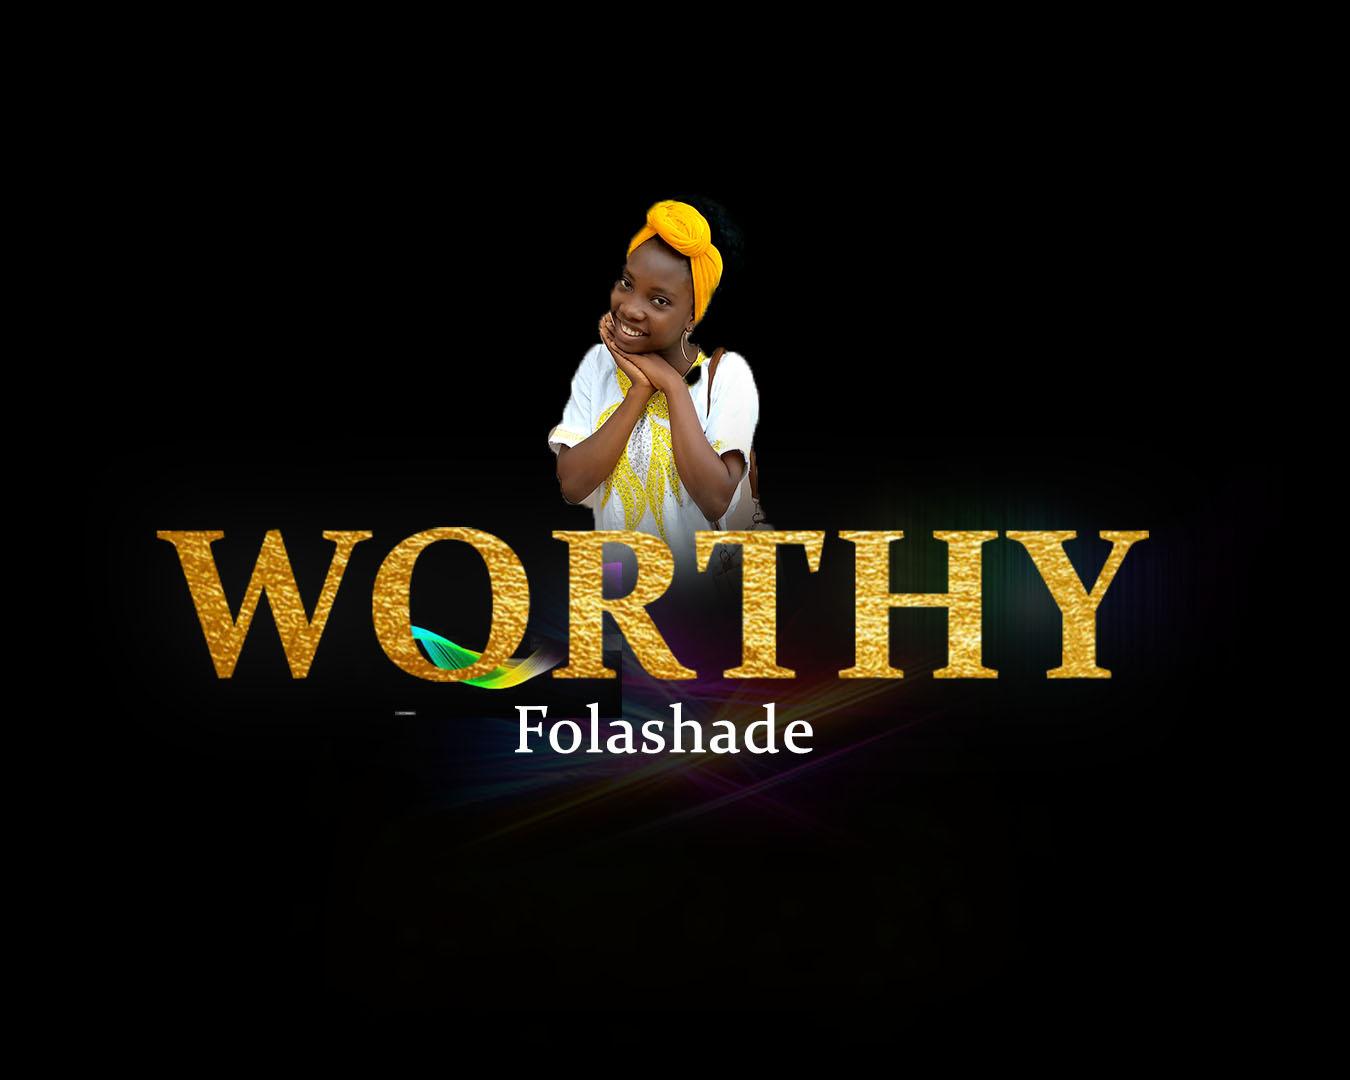 WORTHY - Folashade